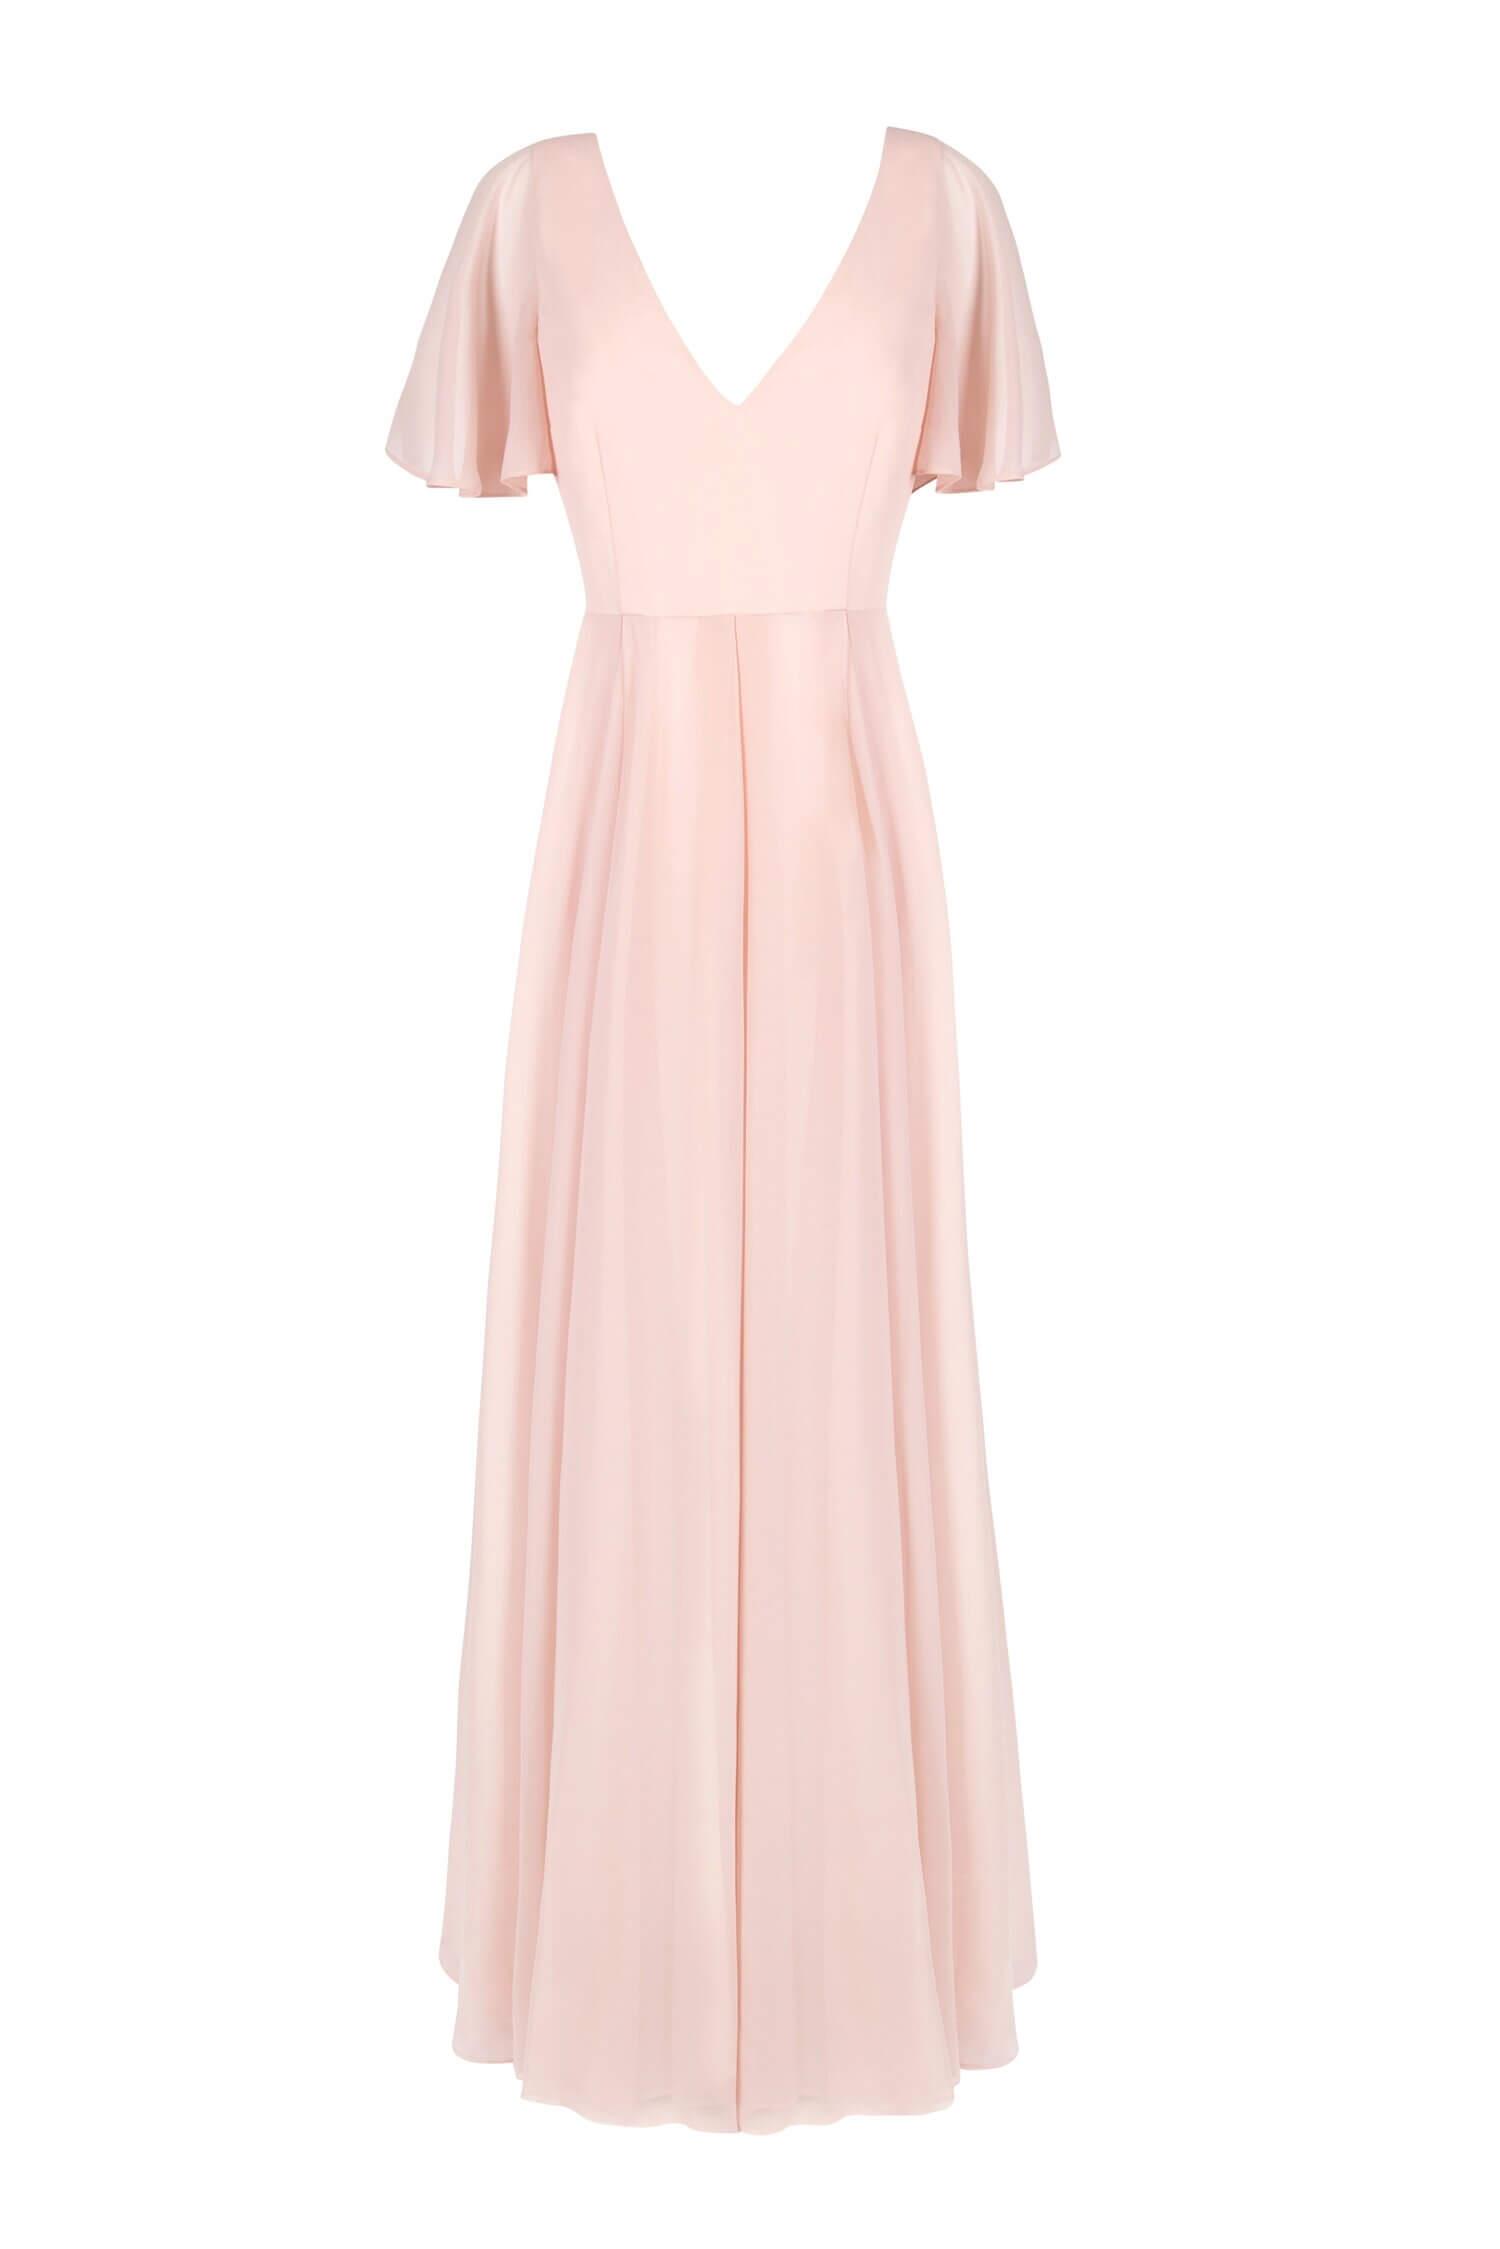 TH&H Phoebe Bridesmaid Dress TH&H Bridesmaid Dress Blush Pink